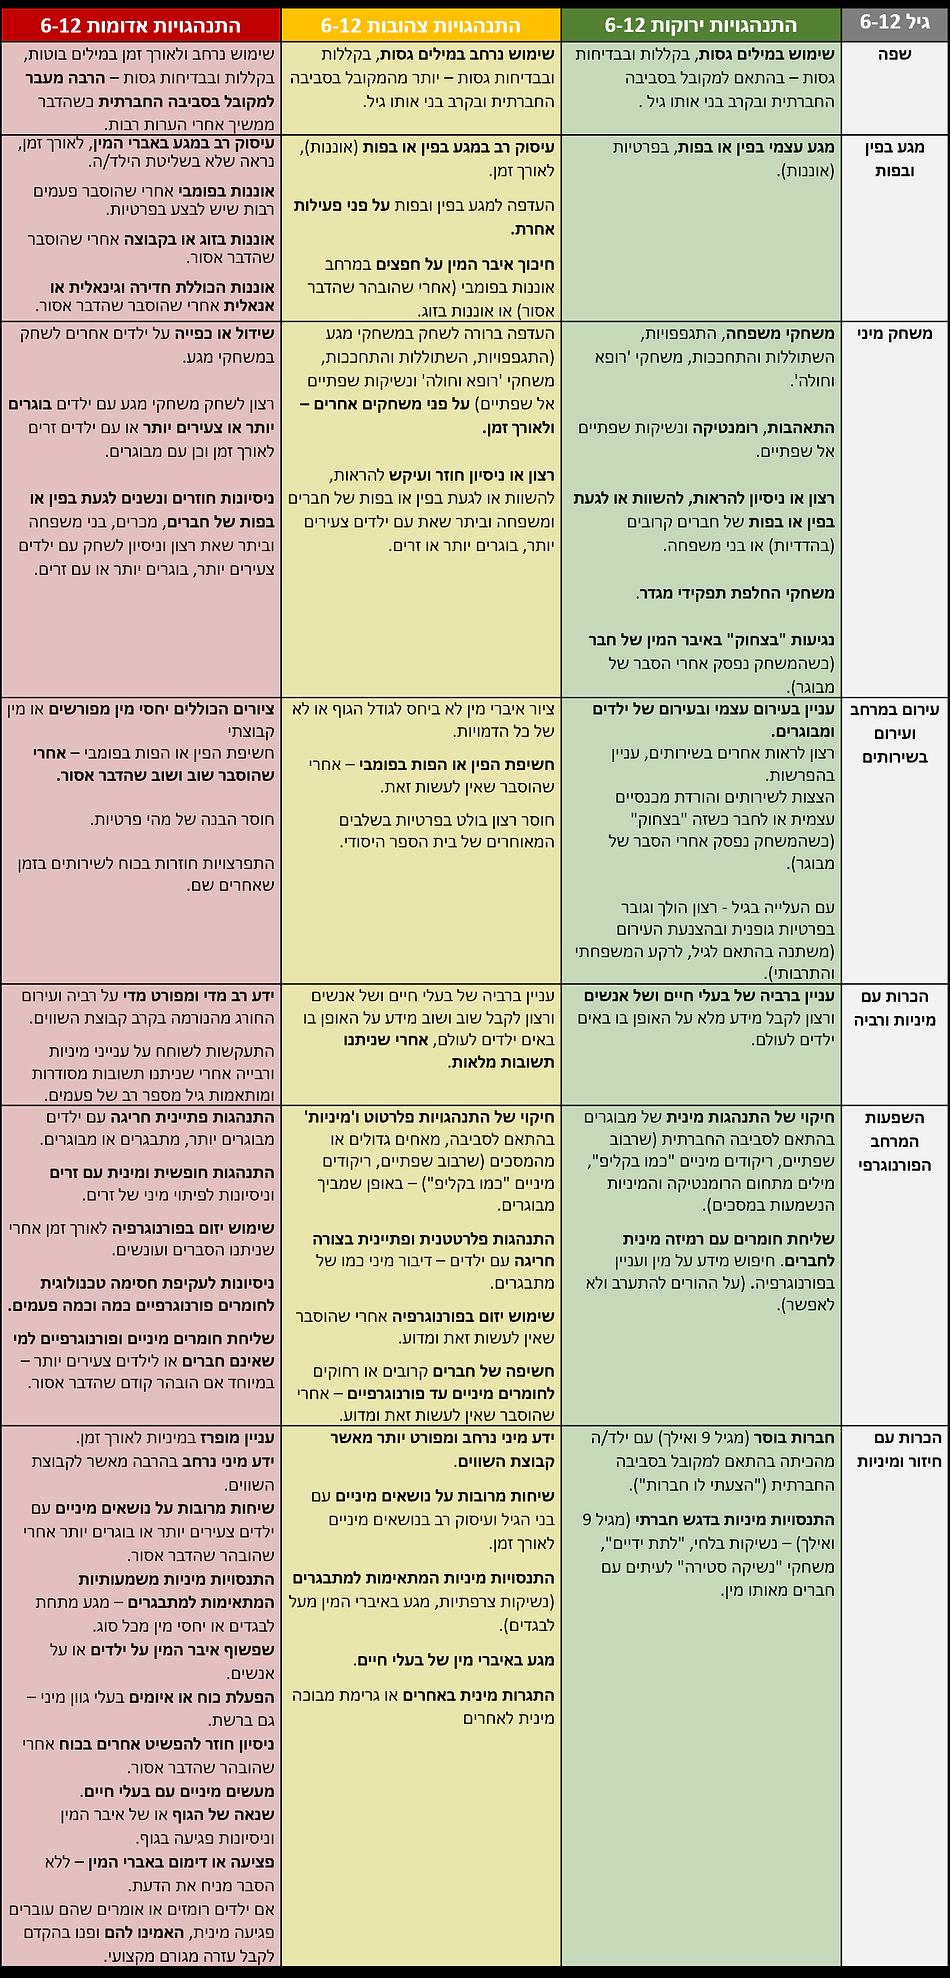 רמזור 6-12 התנהגויות ירוקות צהובות ואדומ